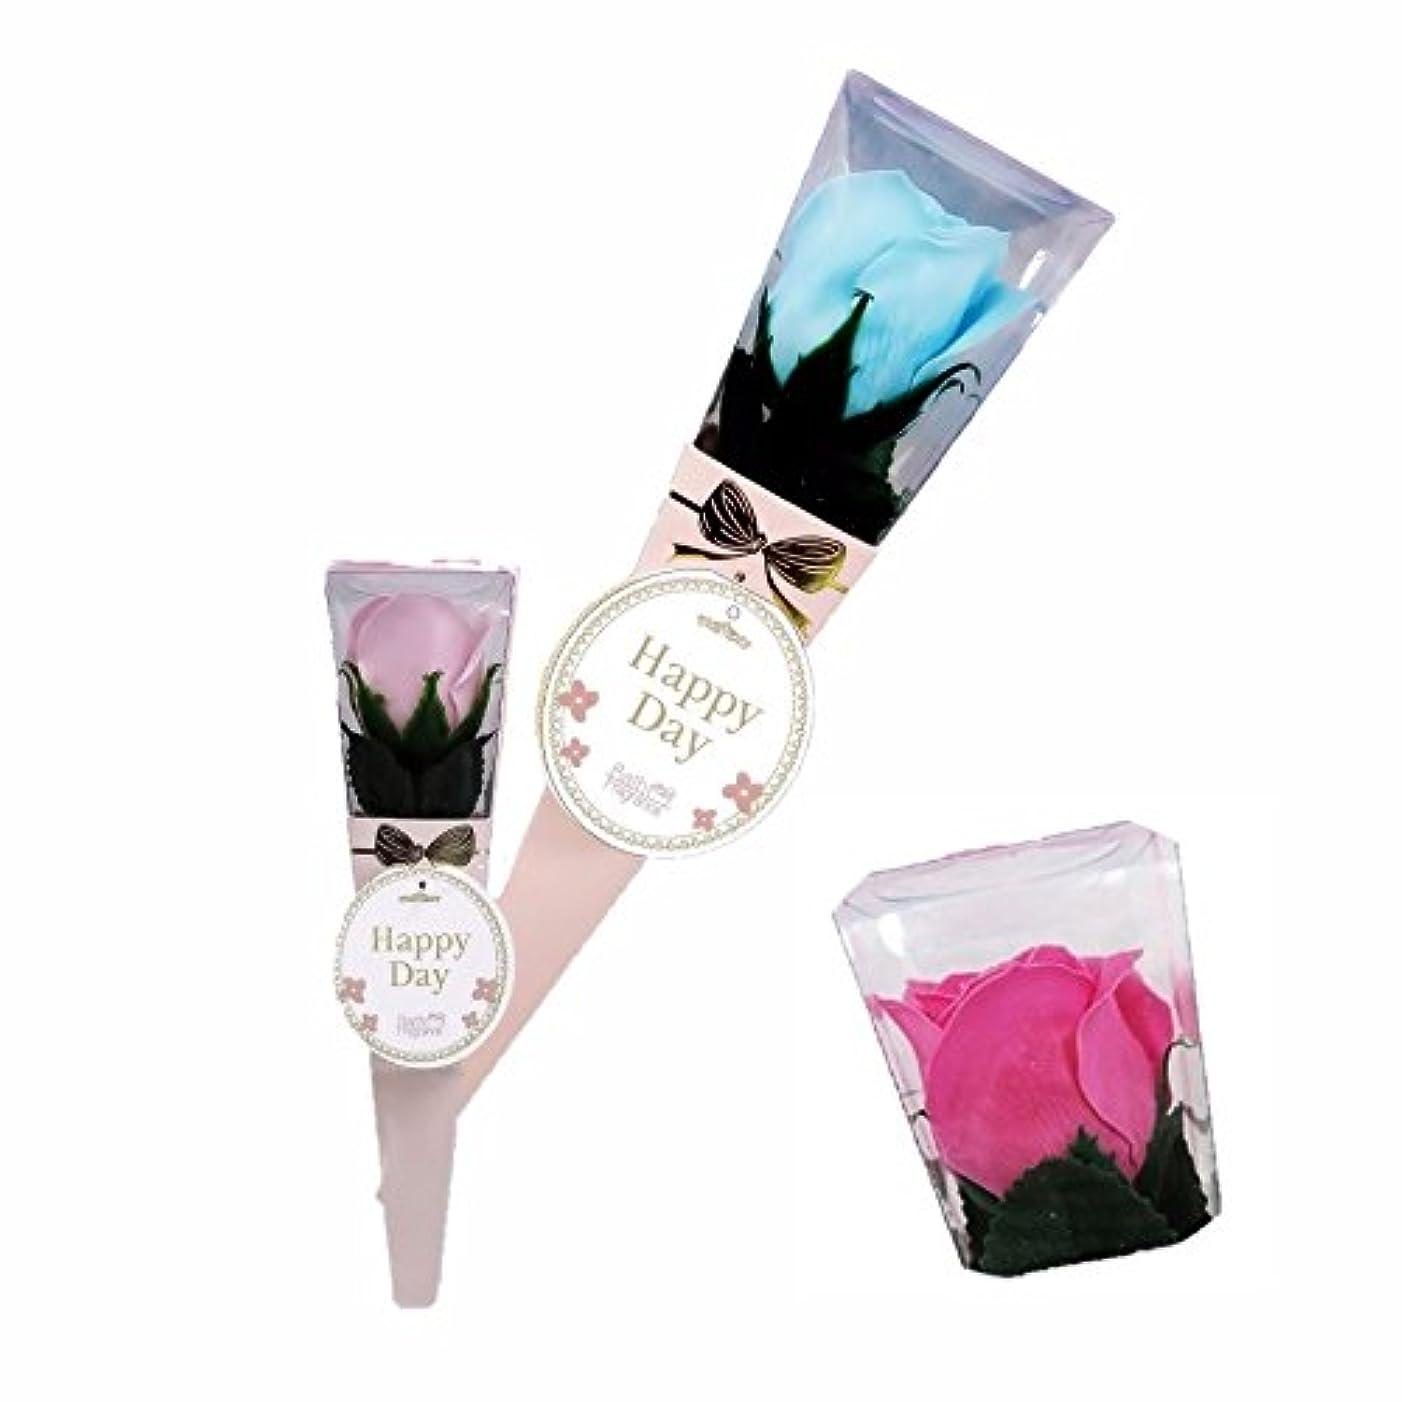 協力する保存する触覚バスフレグランス ミニローズブーケ ローズピンク バスフラワー ギフト お花の形の入浴剤